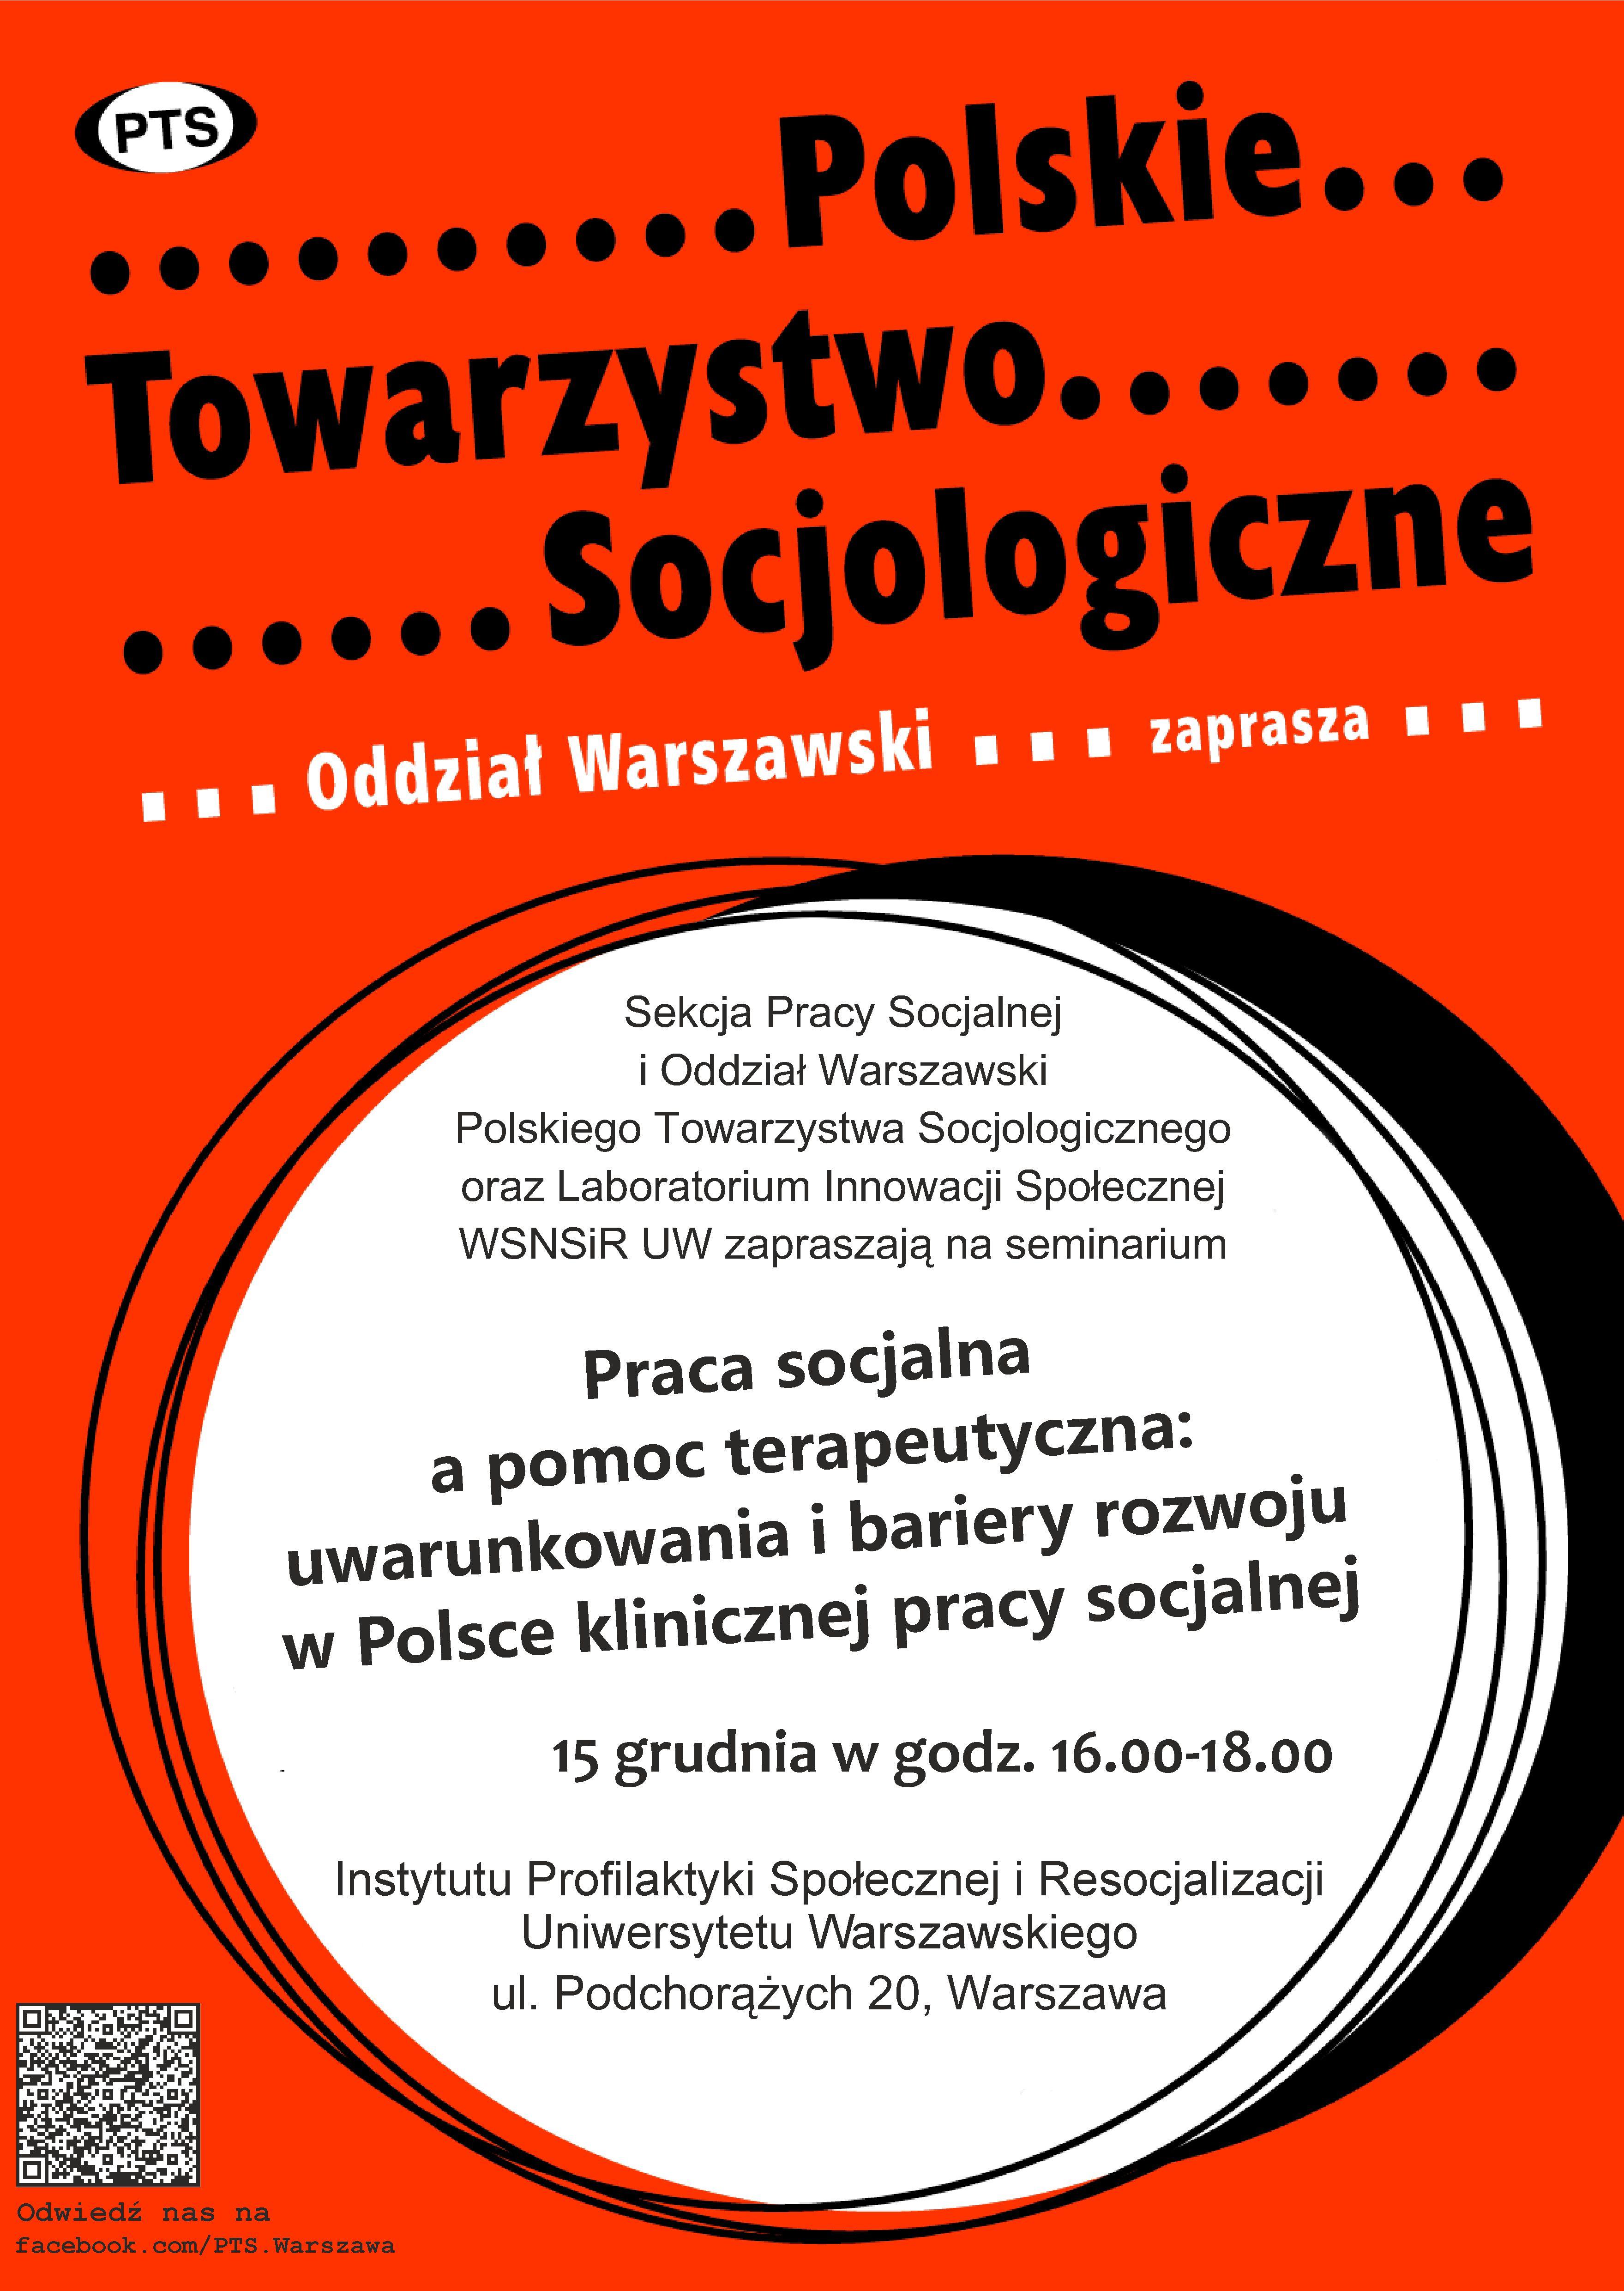 Oddzia Warszawski I Sekcja Pracy Socjalnej PTS Zapraszaj Praca Socjalna A Pomoc Terapeutyczna 29 Grudzie 2015